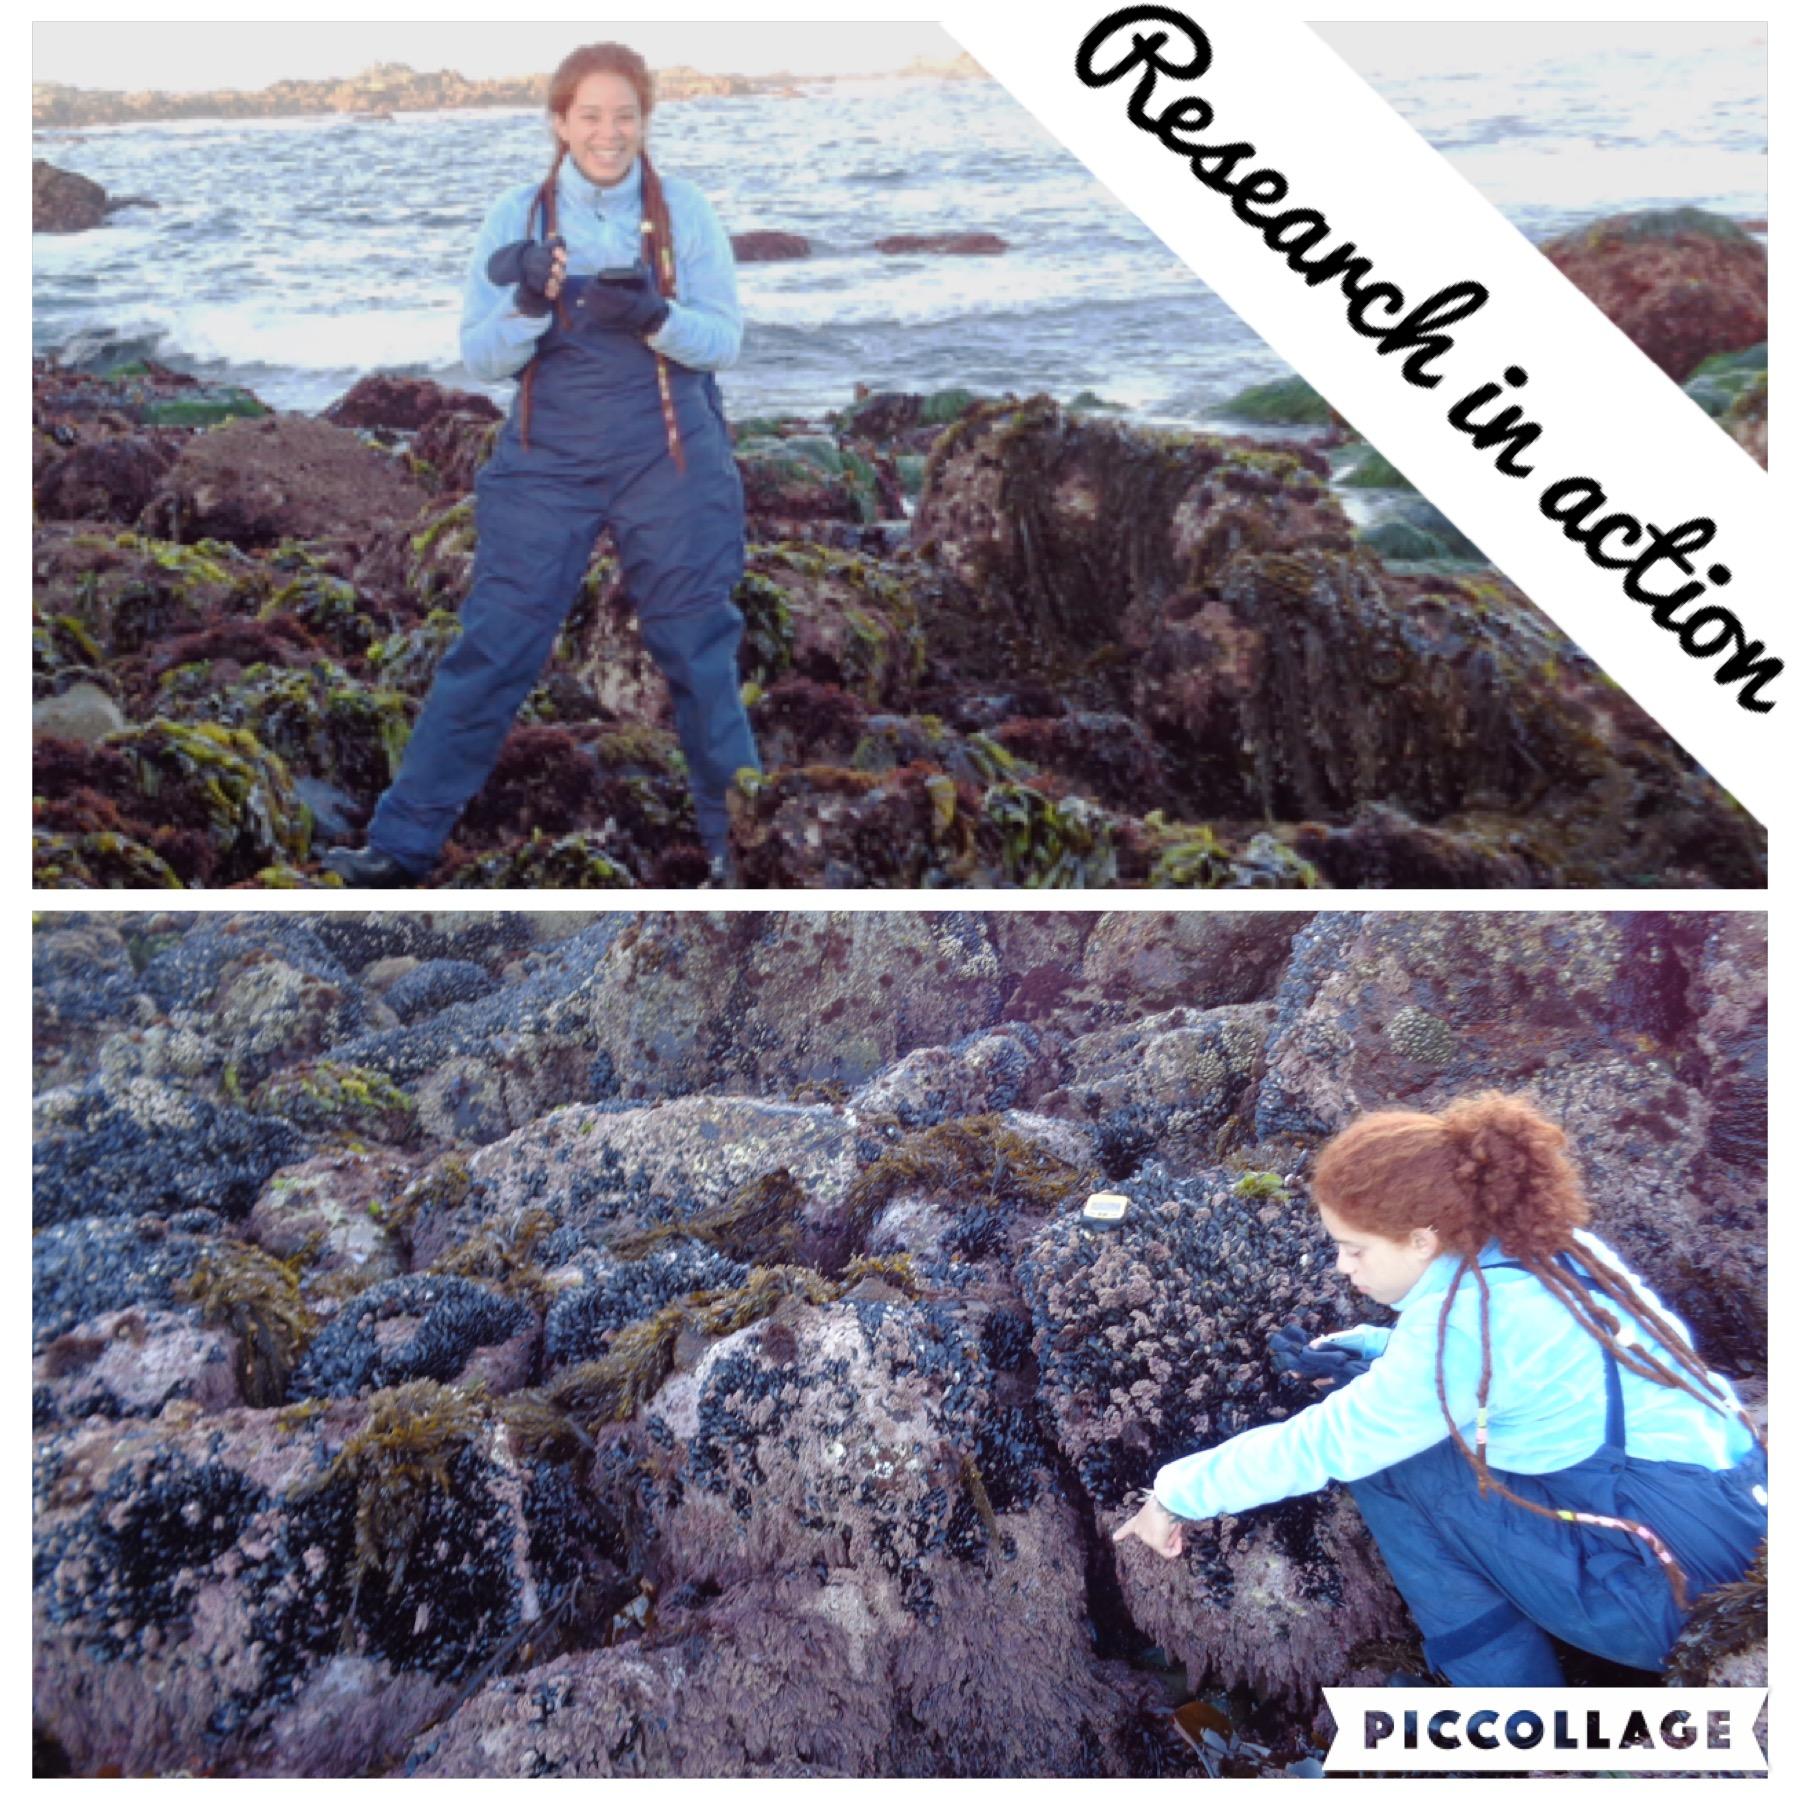 Darimar collecting samples in the intertidal